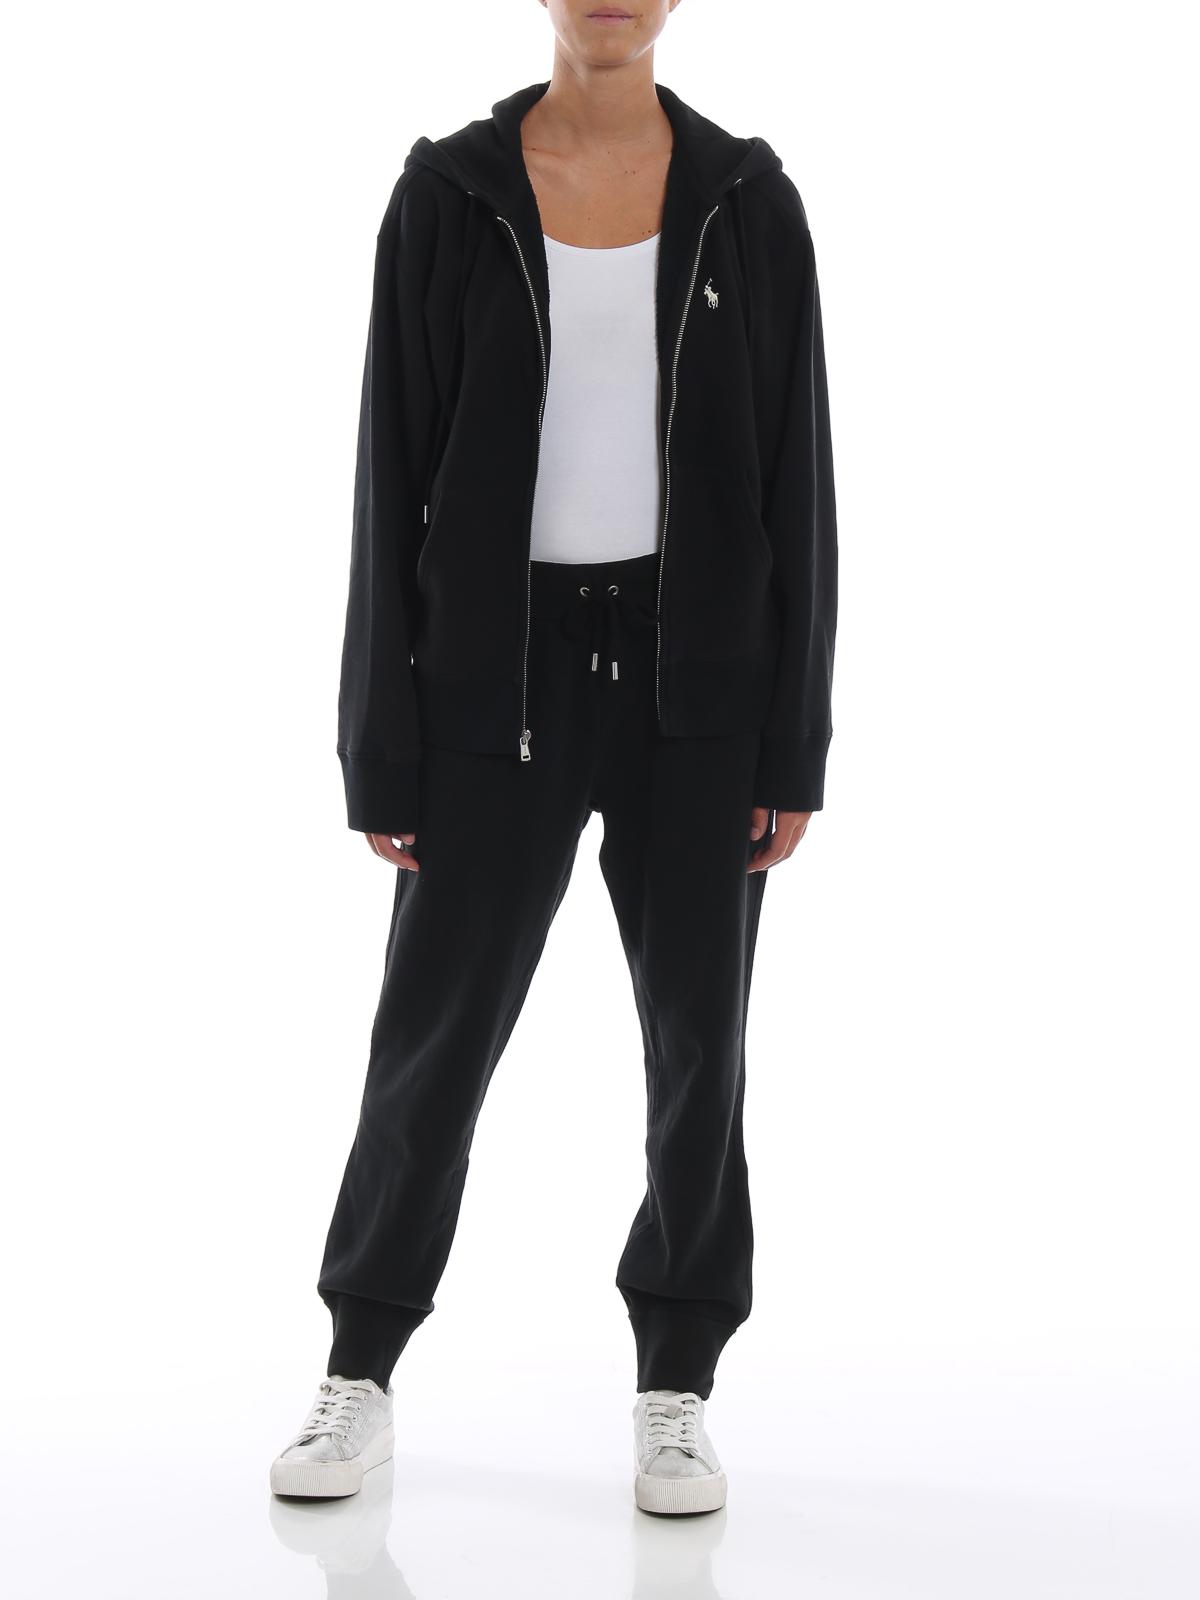 8af4930ea83 POLO RALPH LAUREN  tracksuit bottoms online - Black cotton fleece tracksuit  bottoms